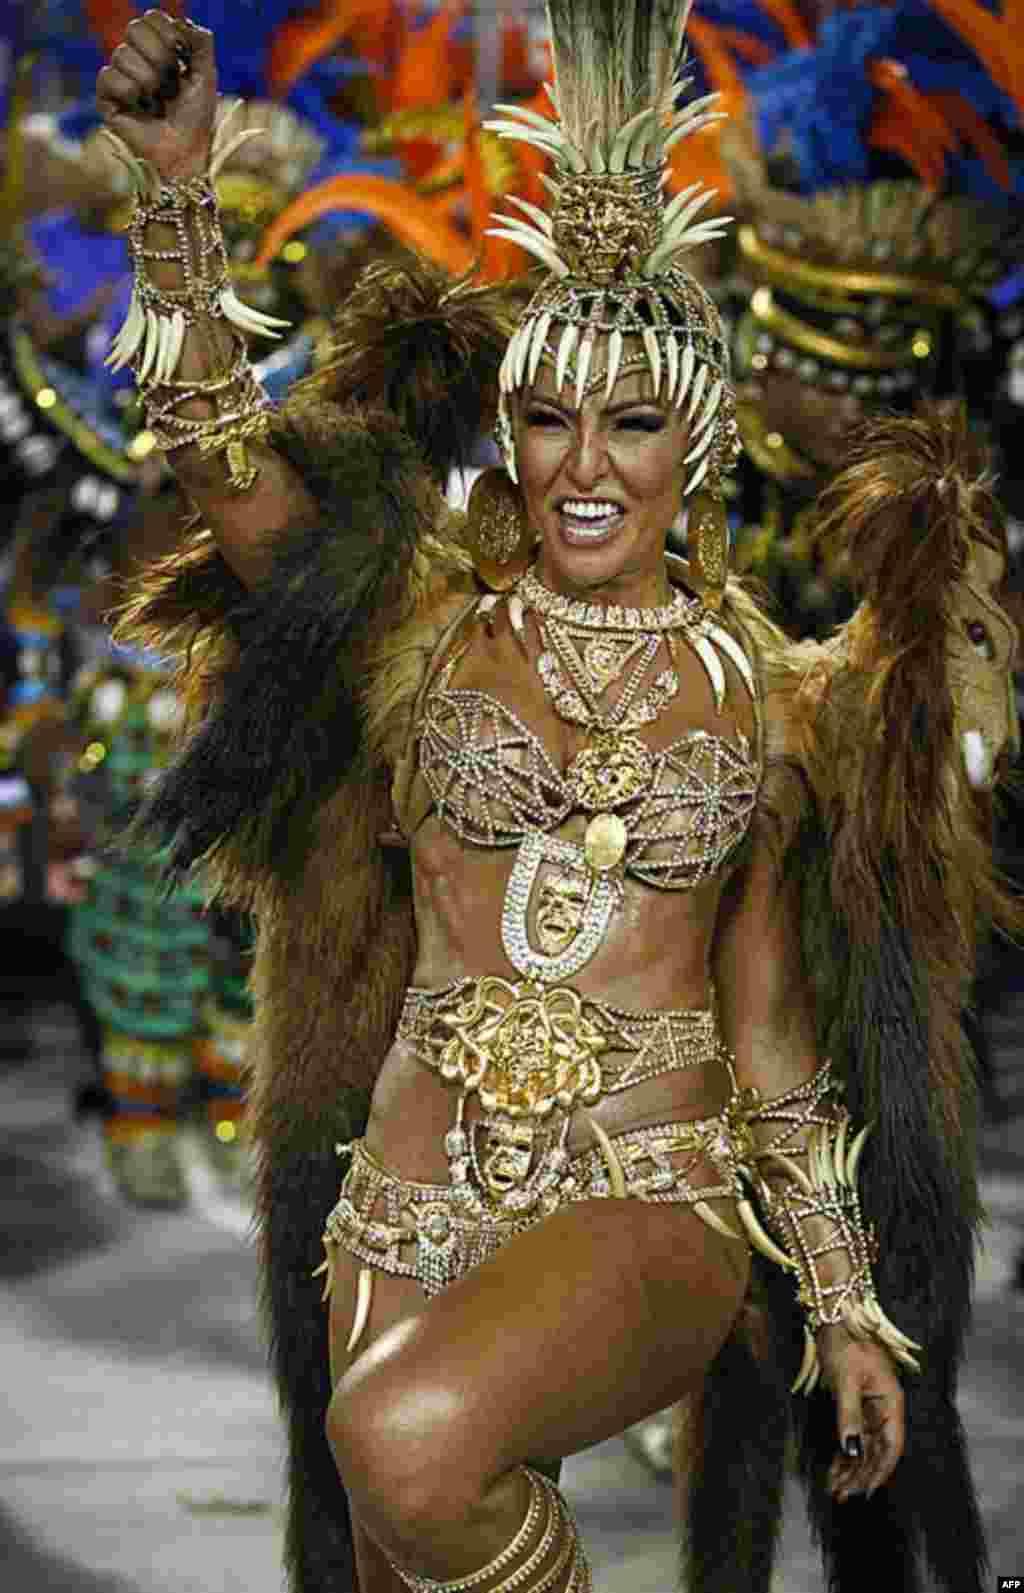 """Sabrina Sato """"Nữ hoàng"""" của trường samba Vila Isabel tham gia diễu hành trong ngày Lễ Hội tại Sambadrome, ở Rio de Janeiro, Brazil, 20/2/12 (AP)"""